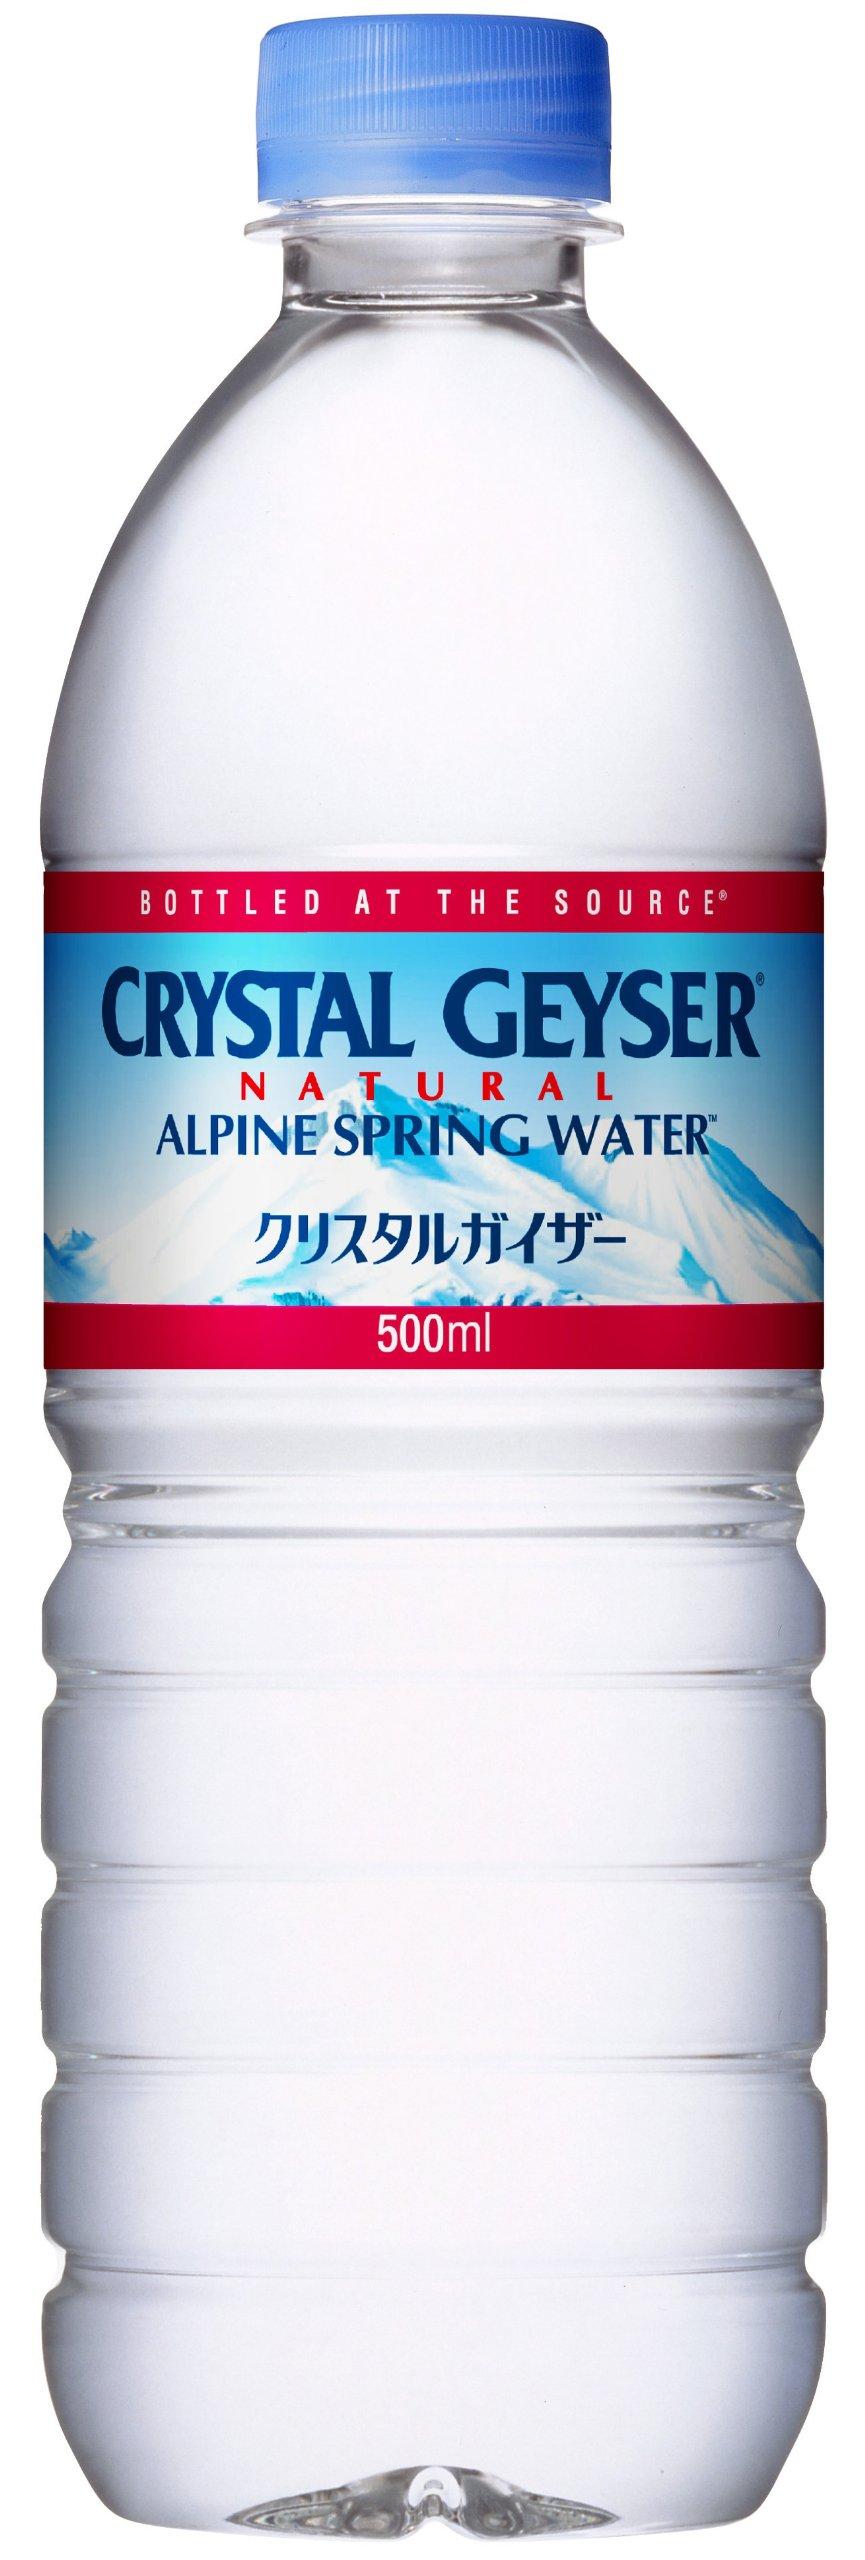 Crystal Geyser Ekobotoru 500mlX24 this [regular imported goods] by Crystal Geyser